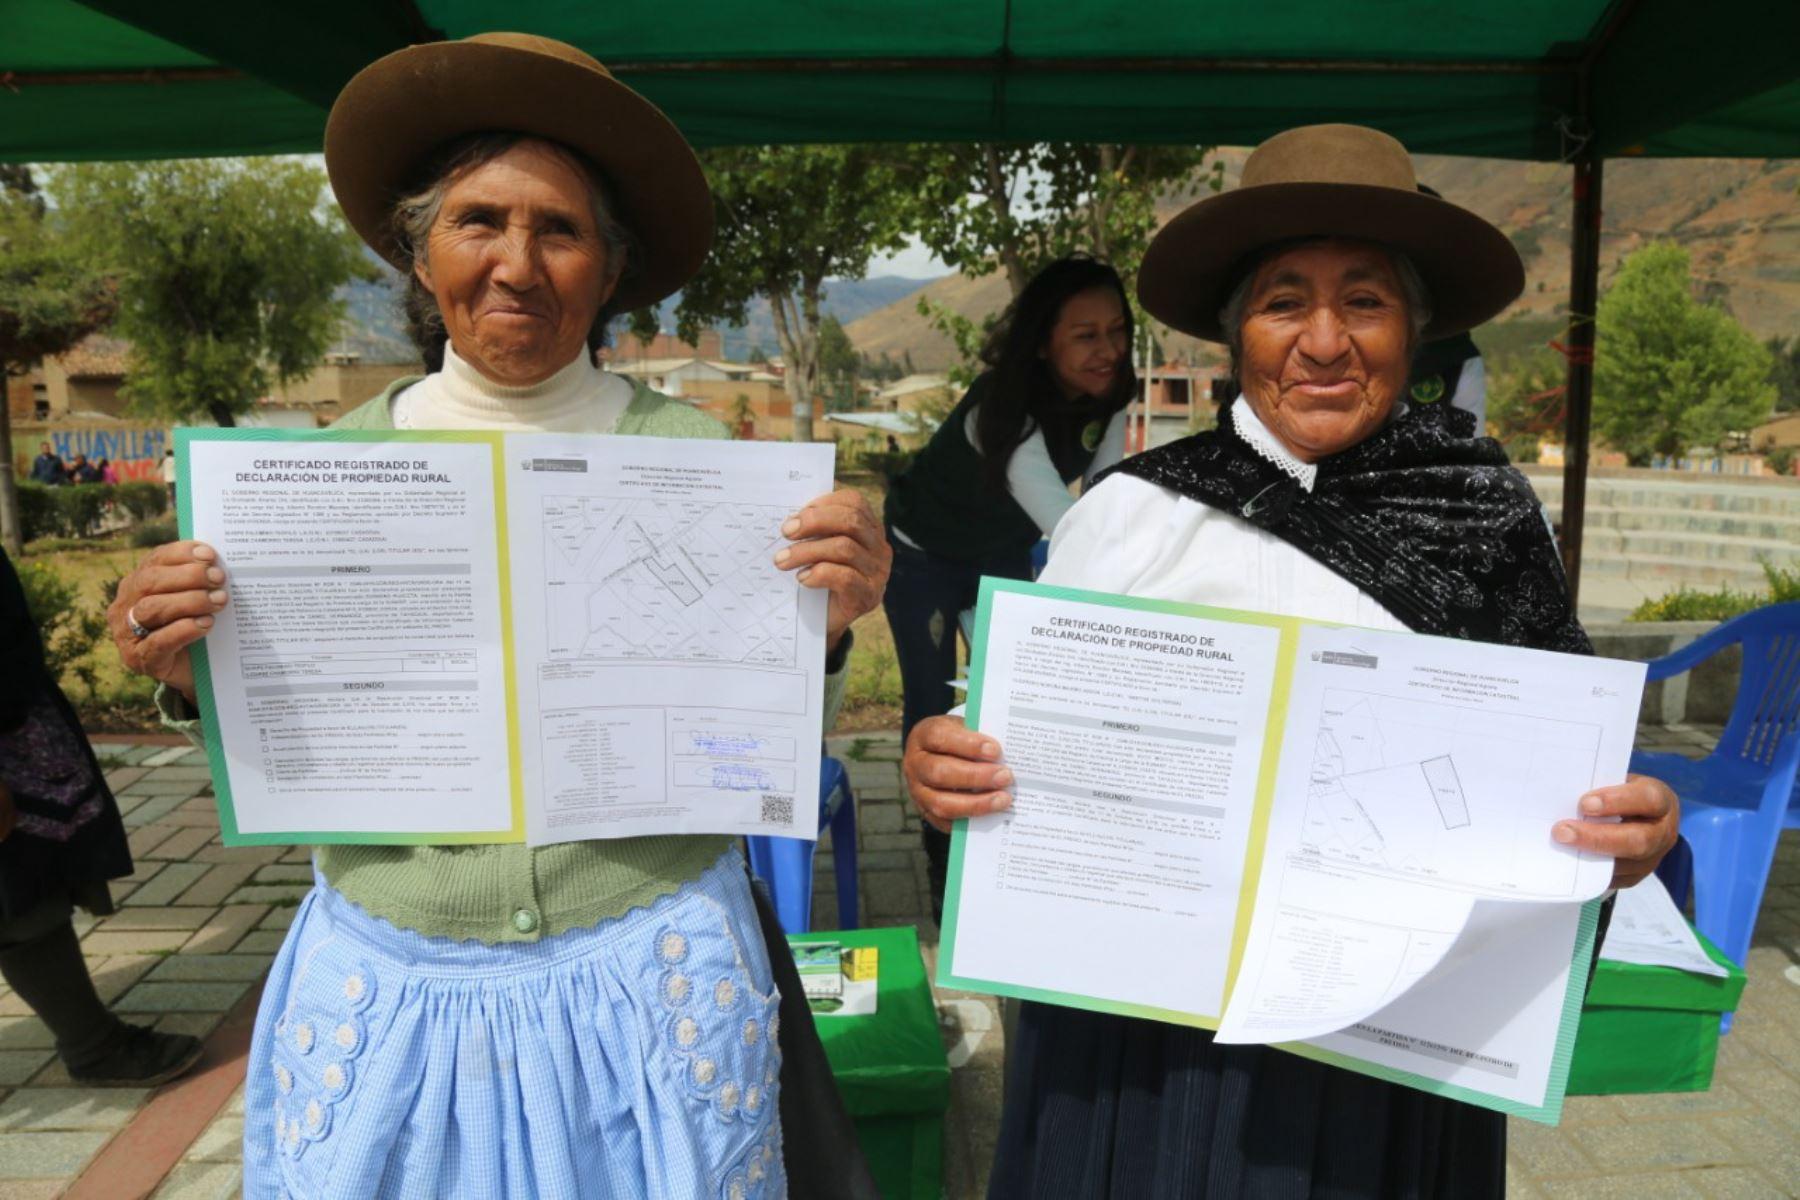 El Ministerio de Agricultura y Riego tiene previsto titular este año más de 38,000 predios rurales.